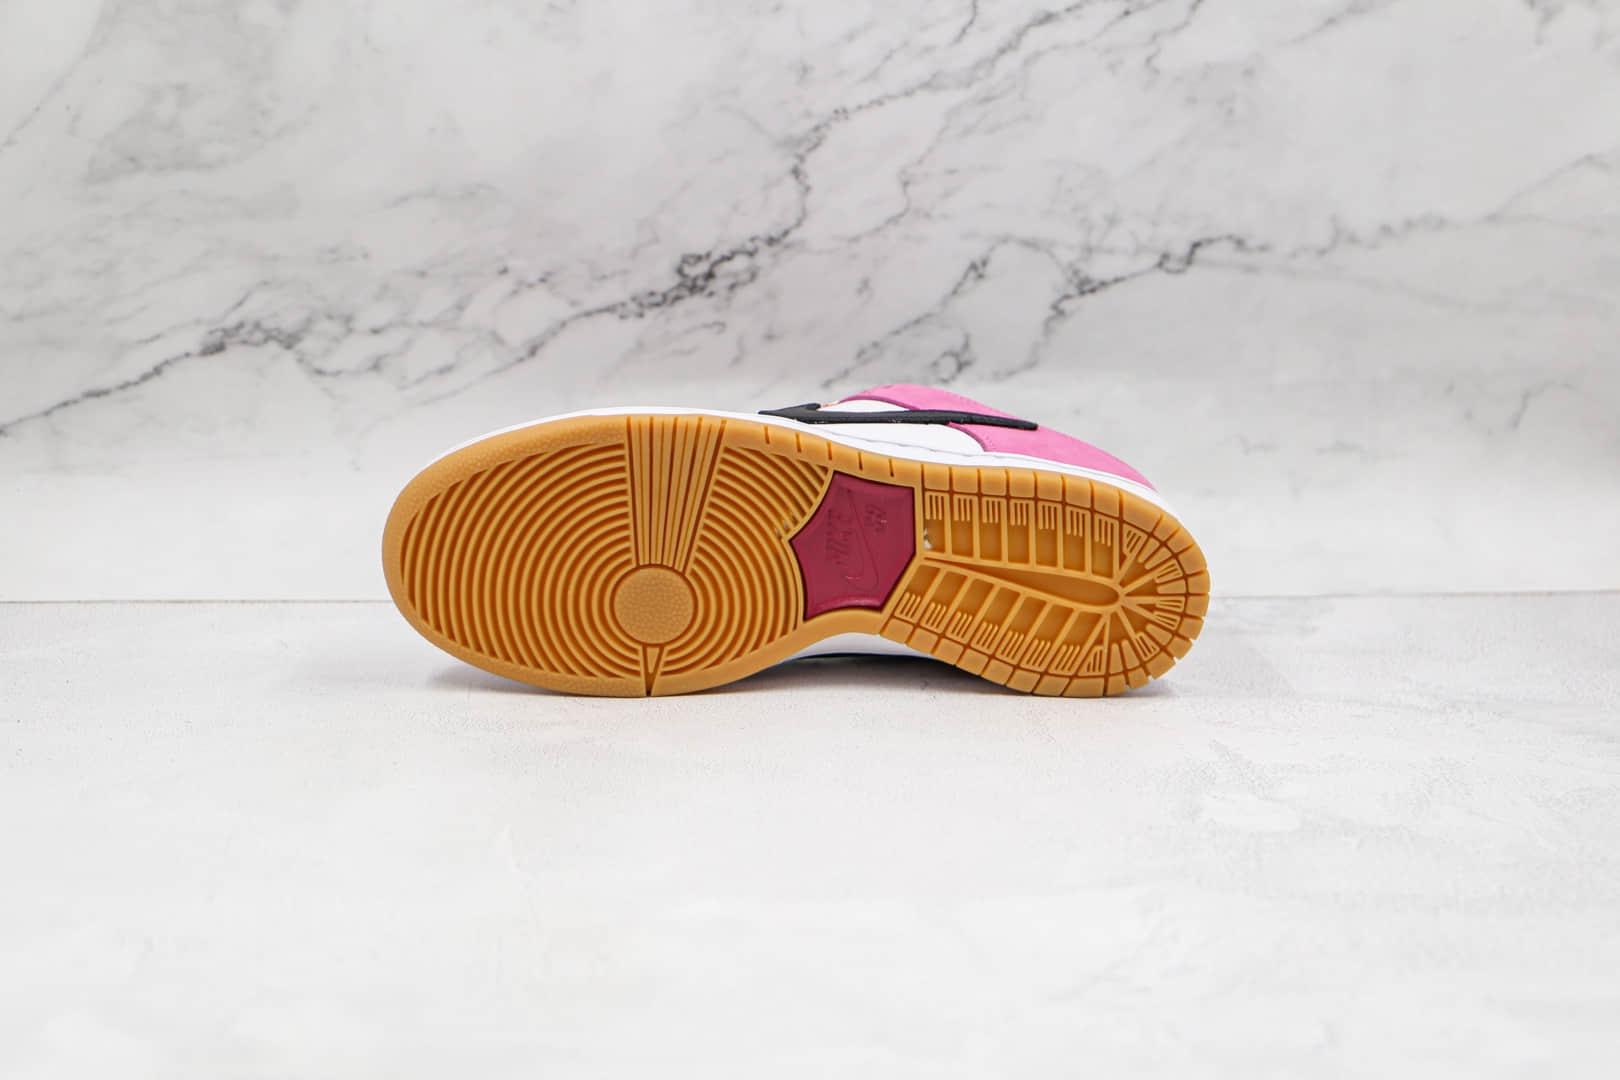 耐克Nike SB Dunk Low Multi-Color 2021 x Parra联名款纯原版本低帮SB DUNK红蓝鸳鸯不规则板鞋内置气垫 货号:DH7695-100